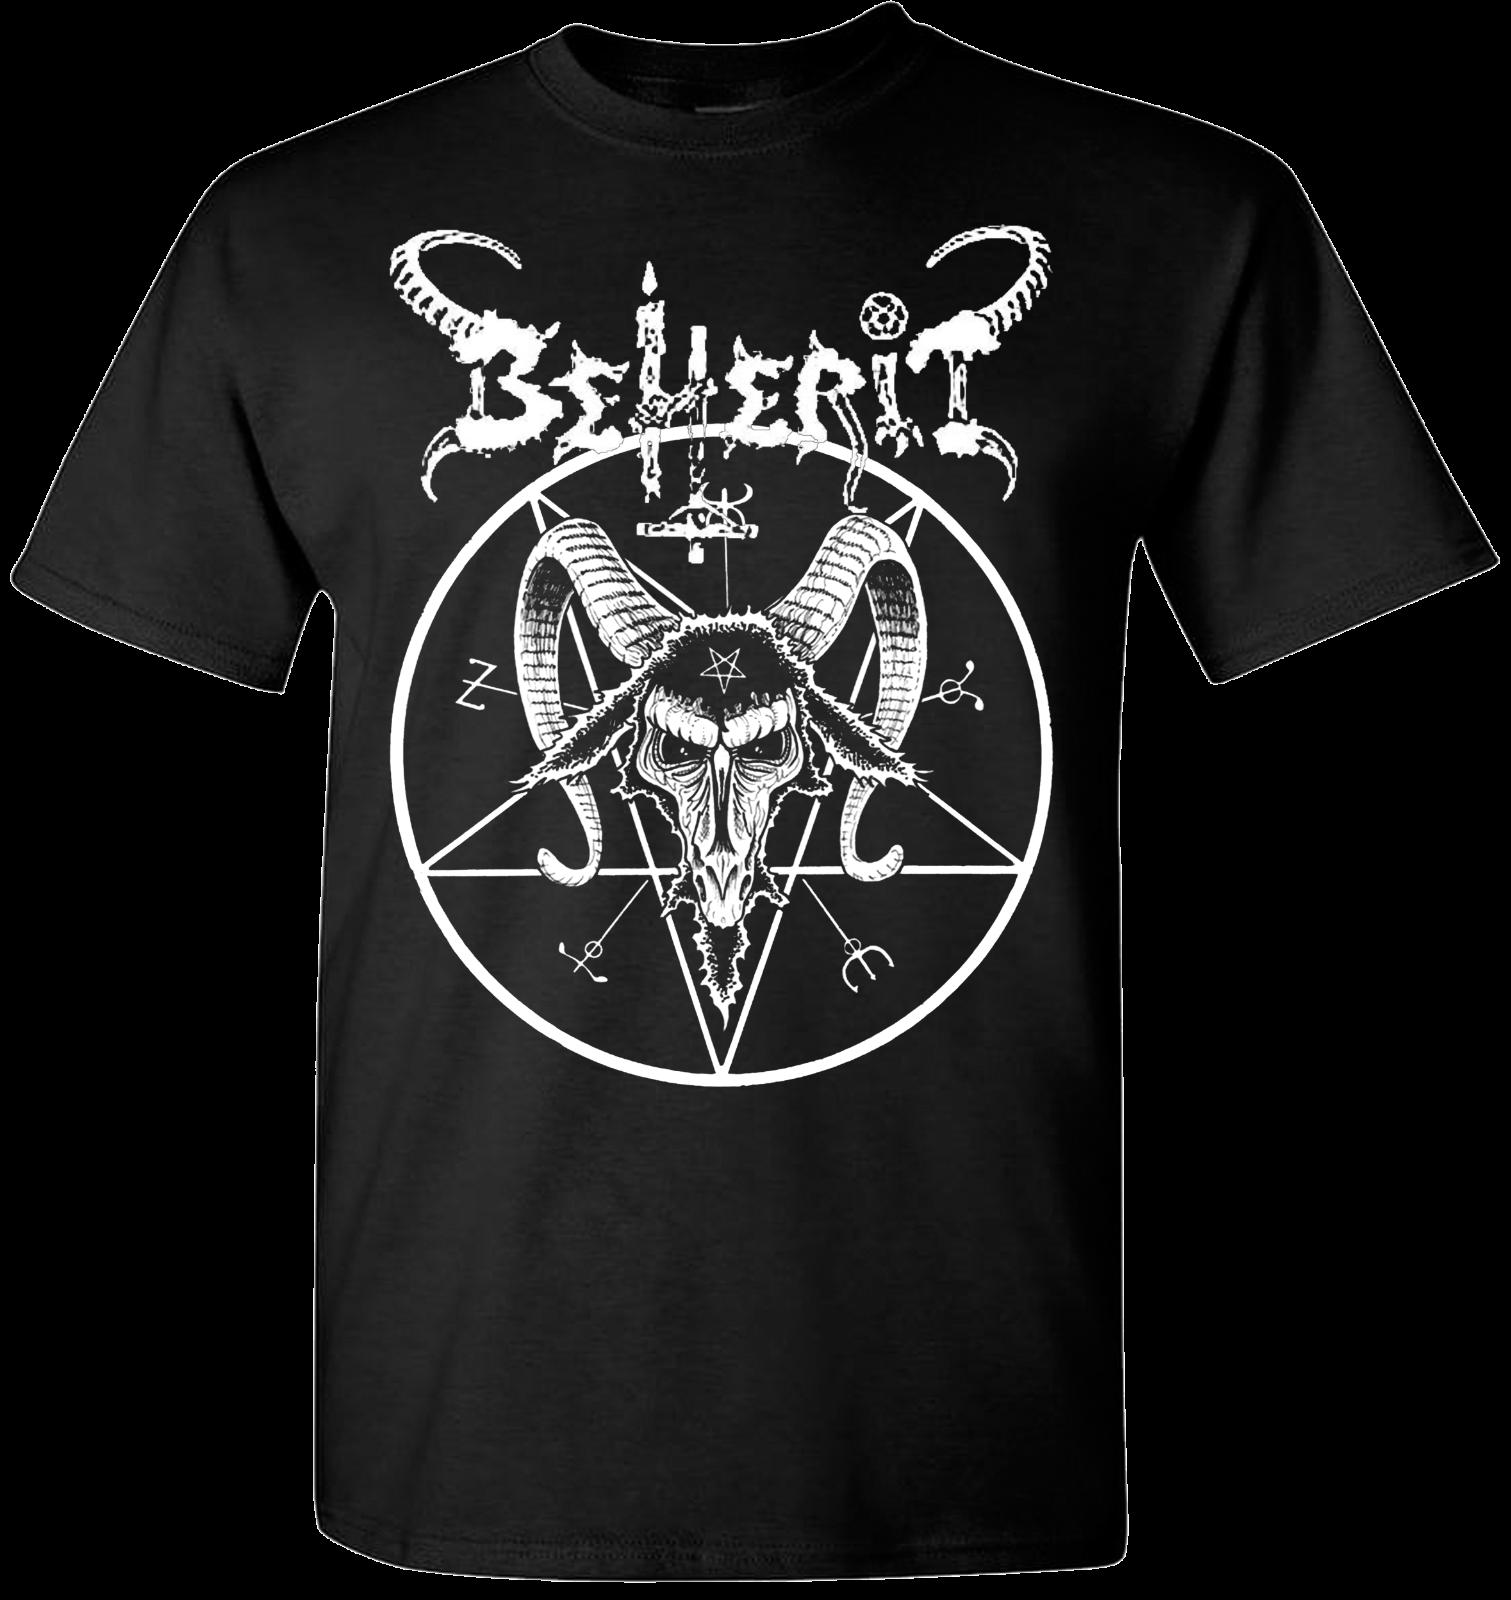 Beherit Pentagram T Shirt Black Metal Death Emperor Blasphemy Dark Throne T-Shirts